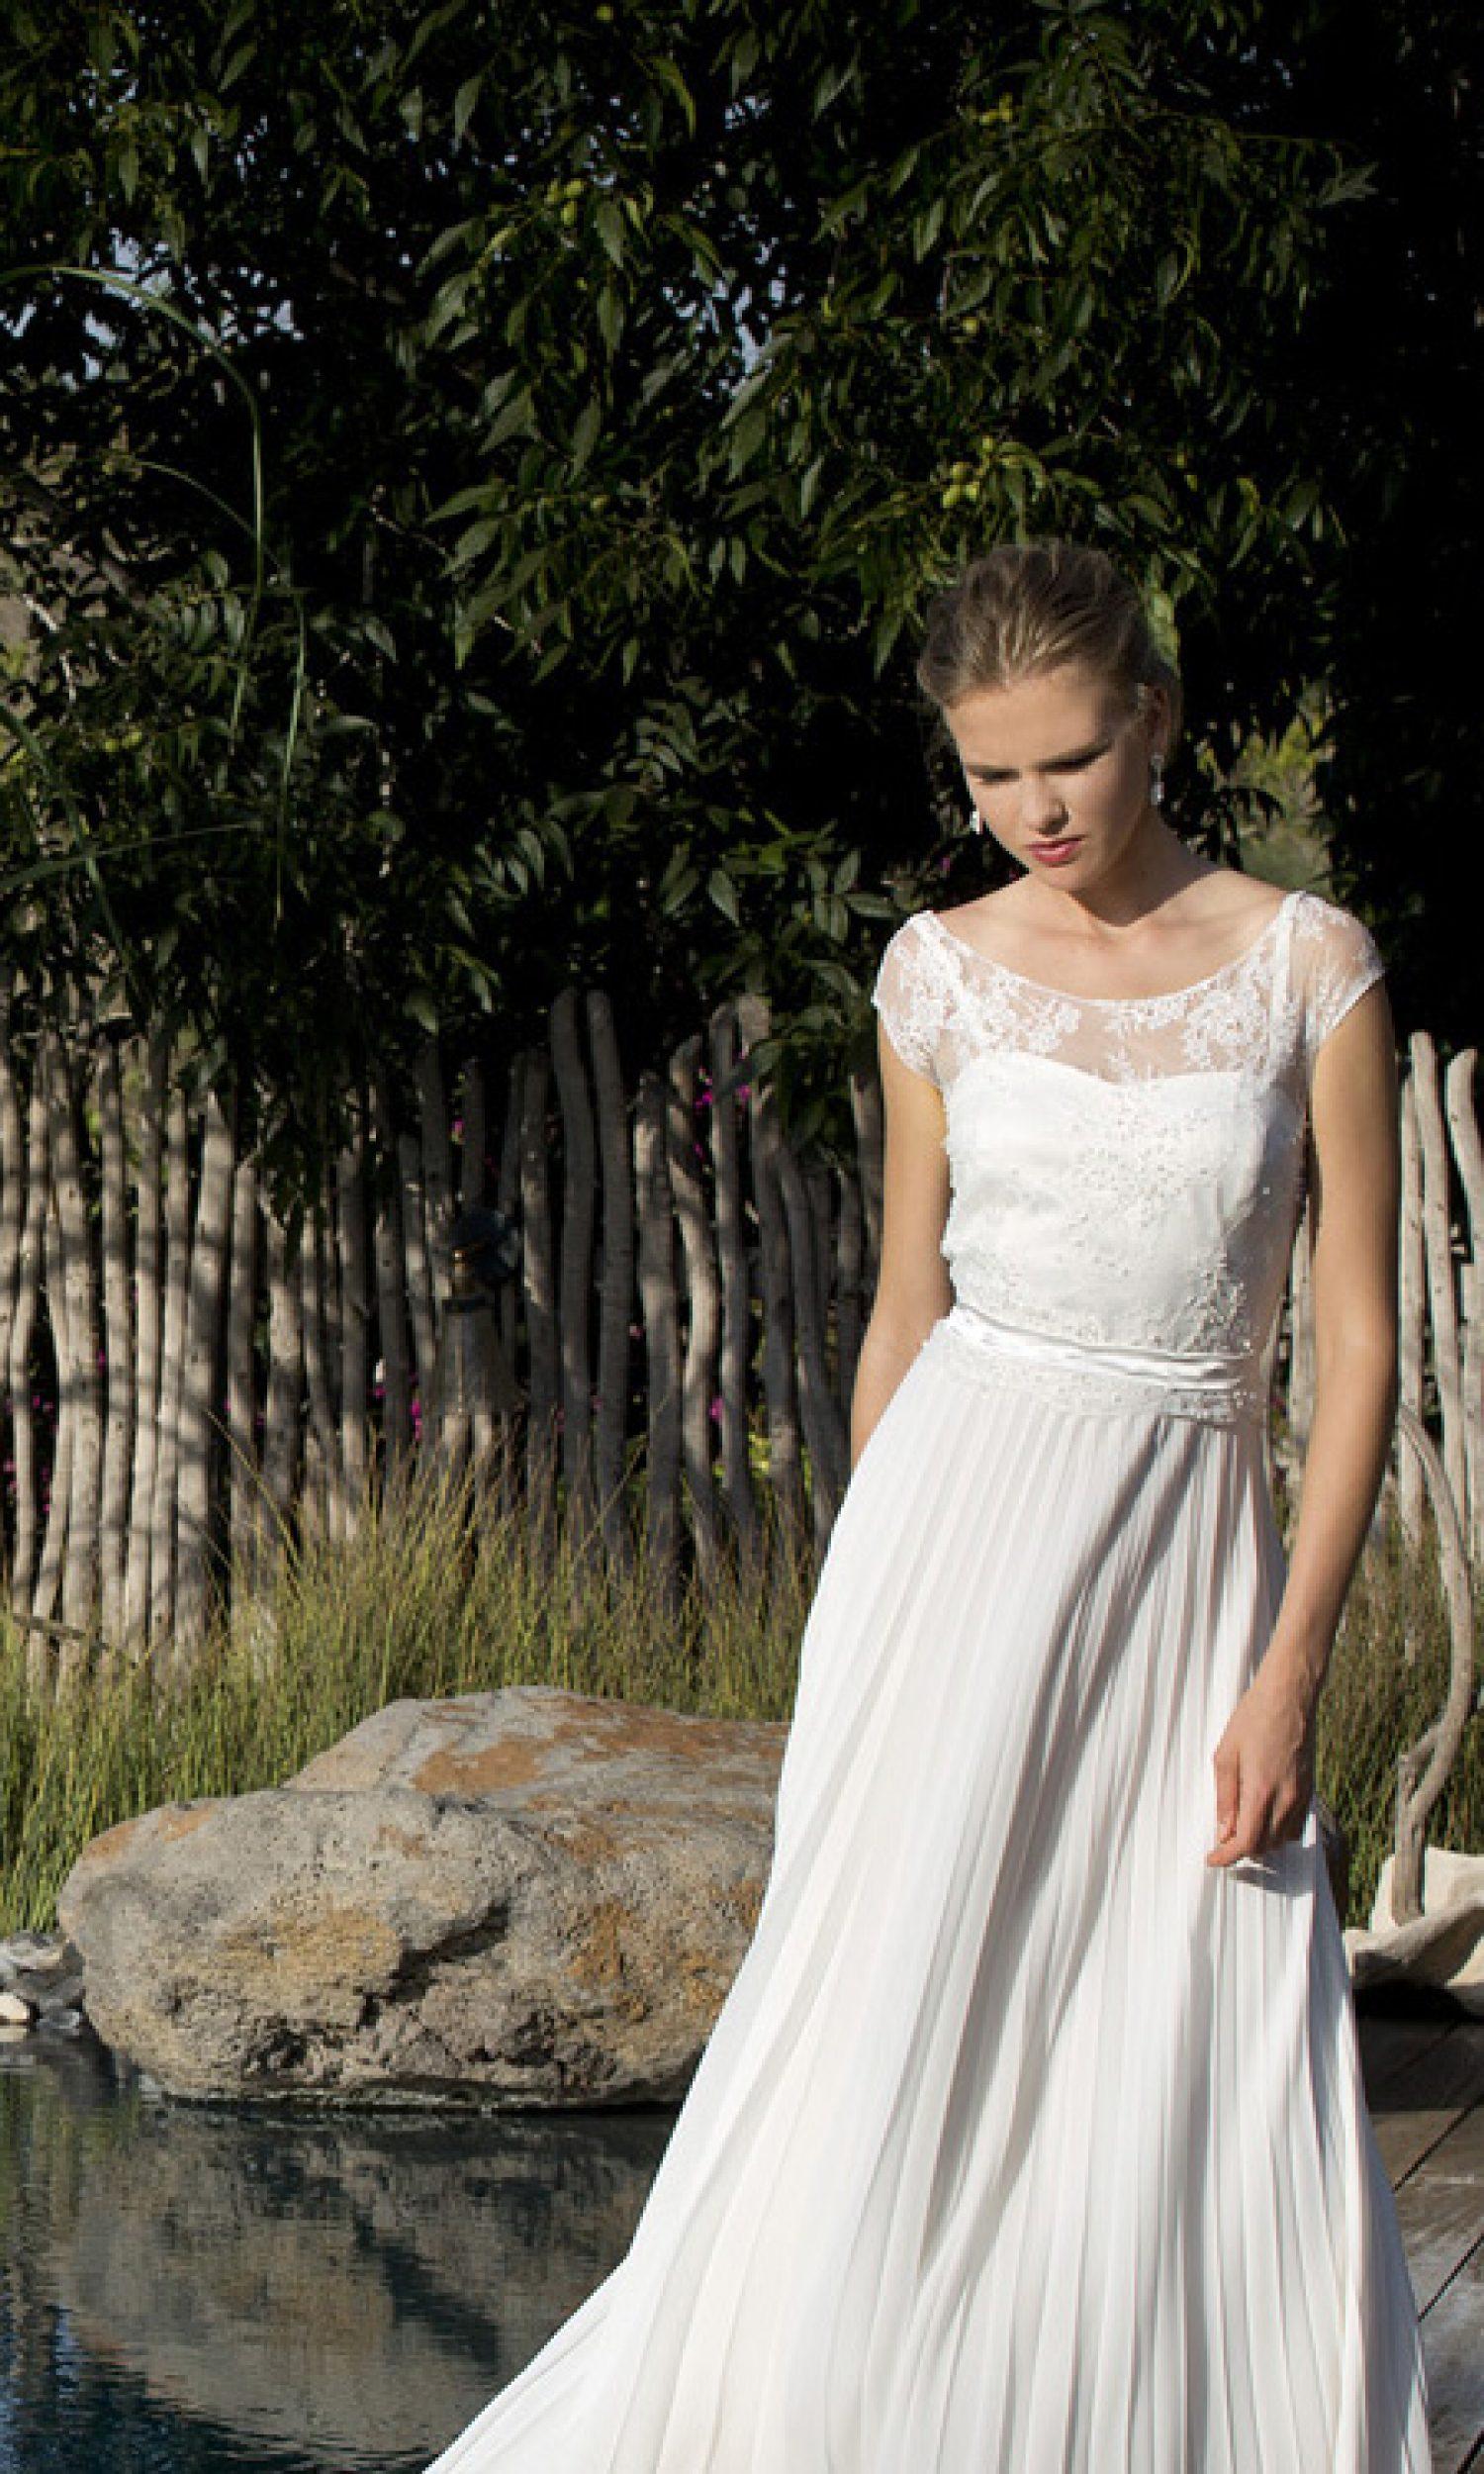 שמלת כלה נוחה ומיוחדת